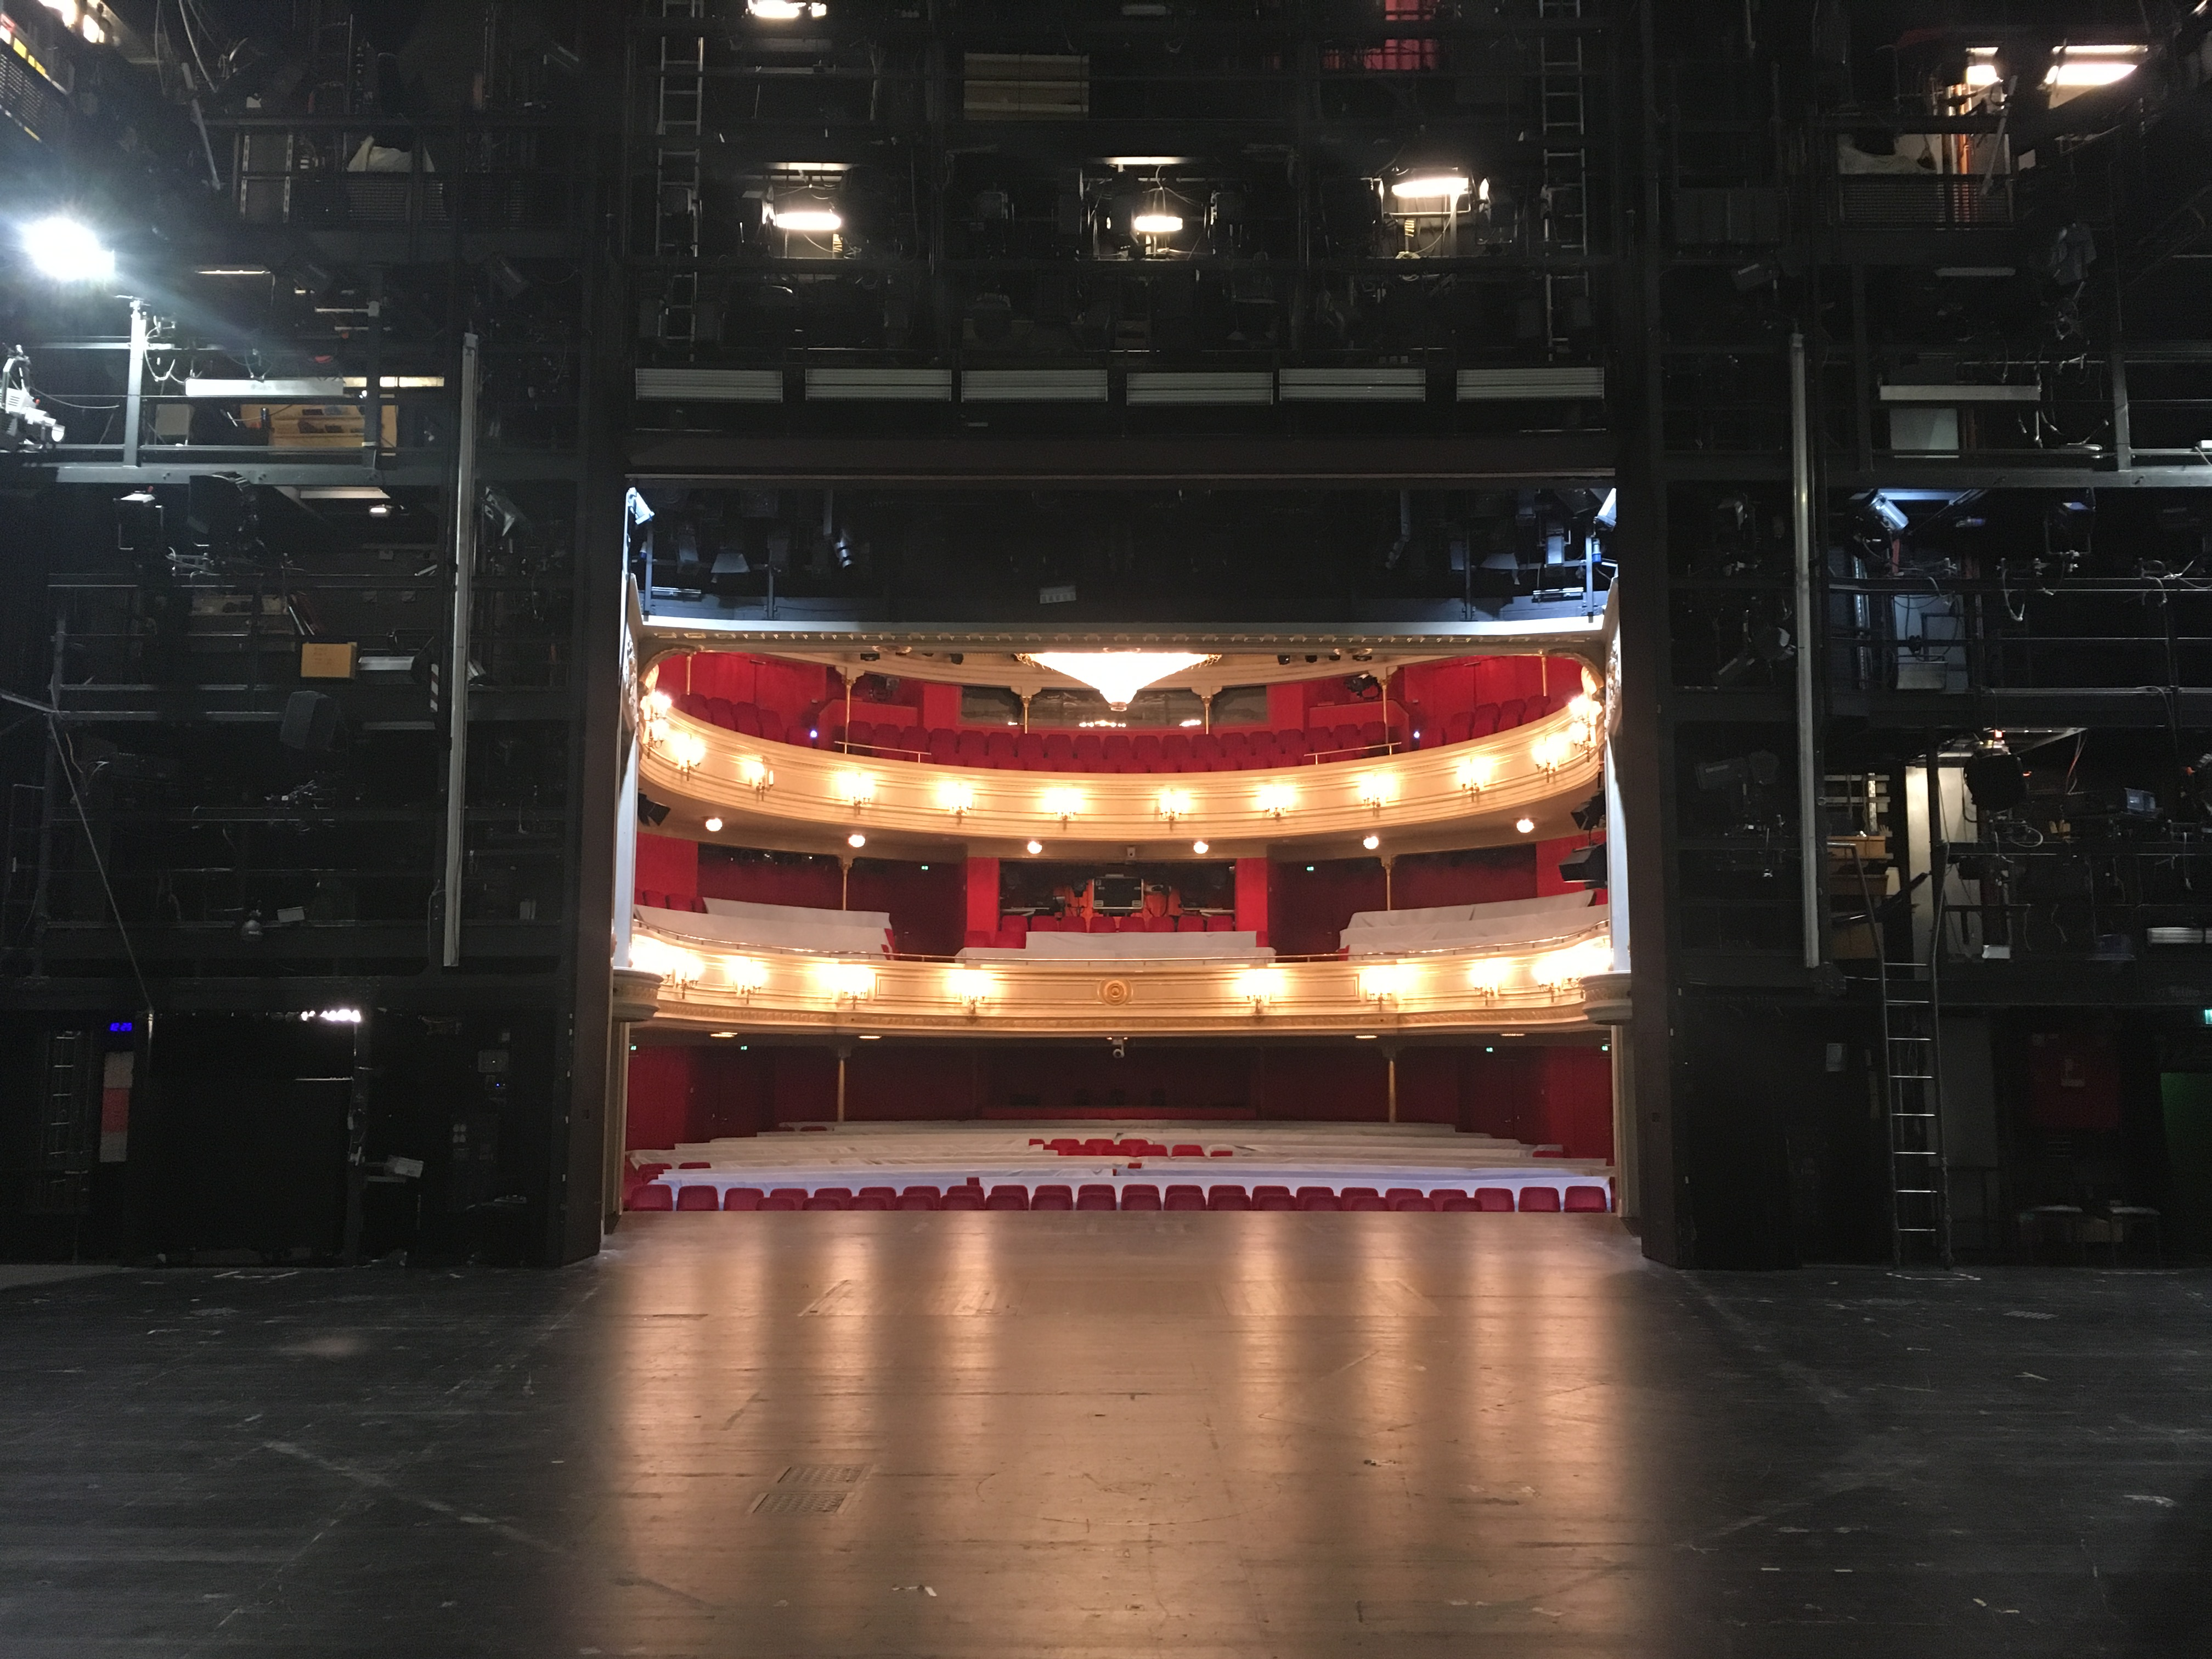 Vereinbarkeit von Familie und Beruf am Theater:  Da muss sich jeder selbst drum kümmern